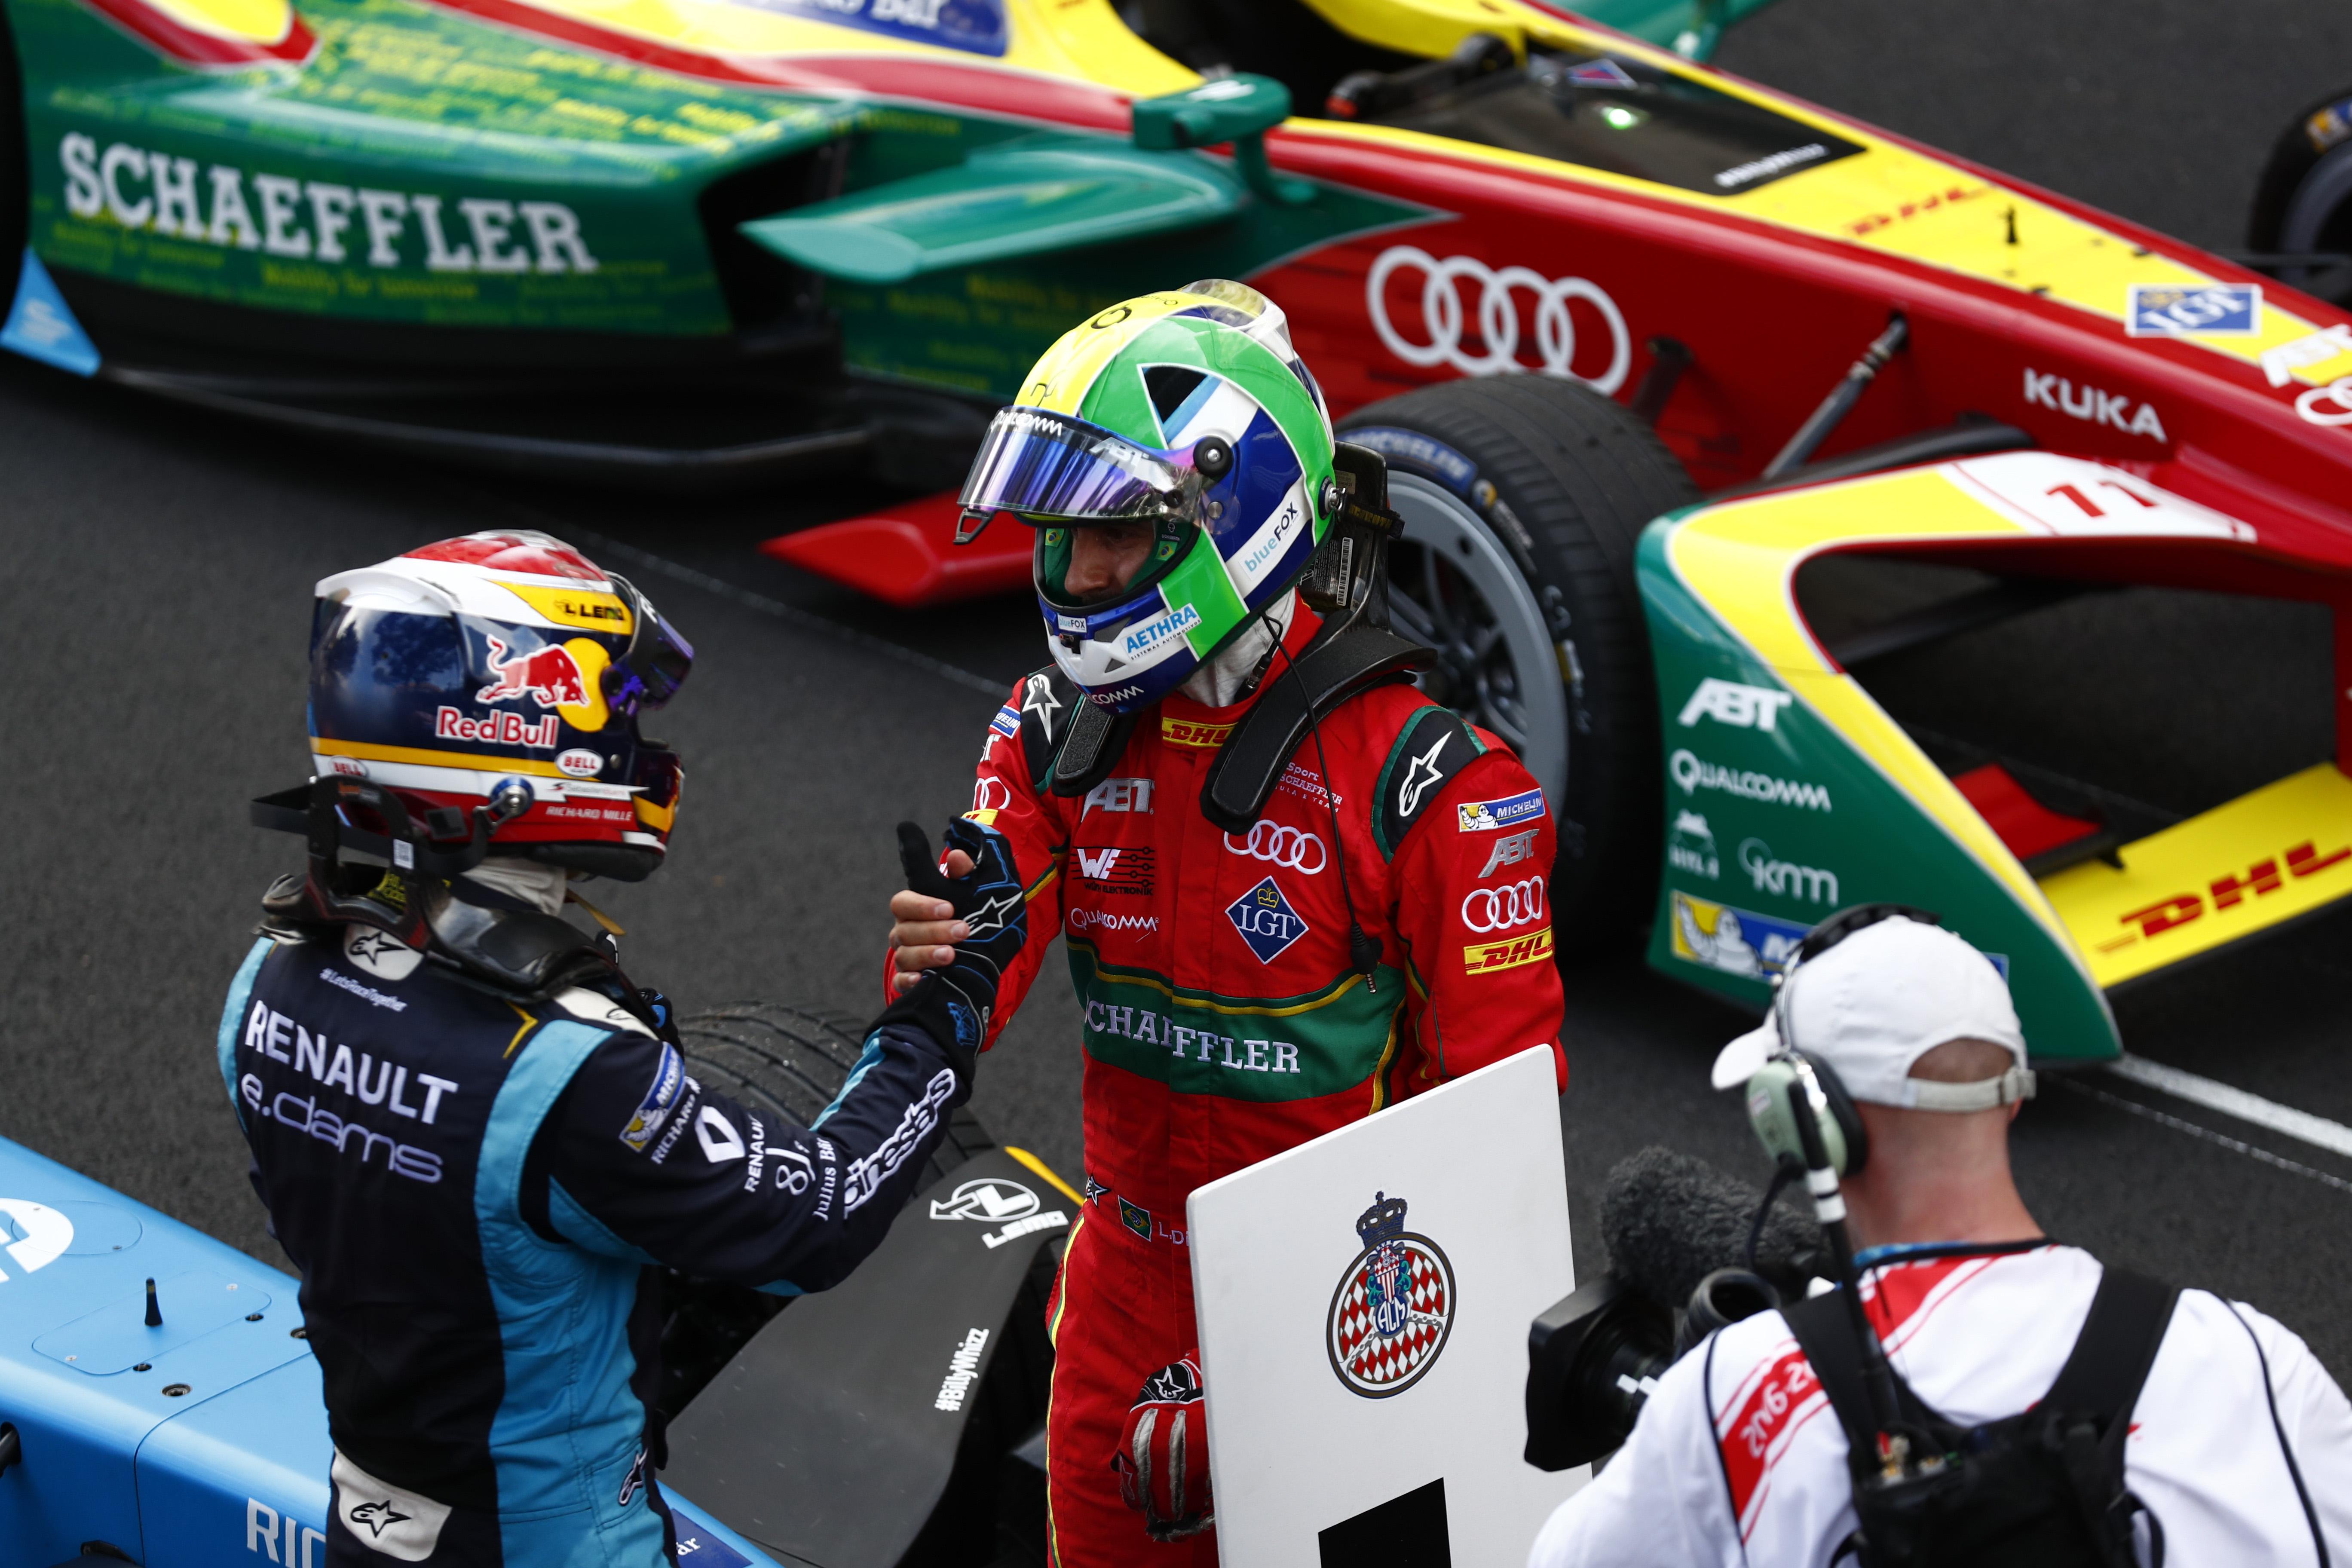 Monaco ePrix: Buemi Cruises to Confident Victory